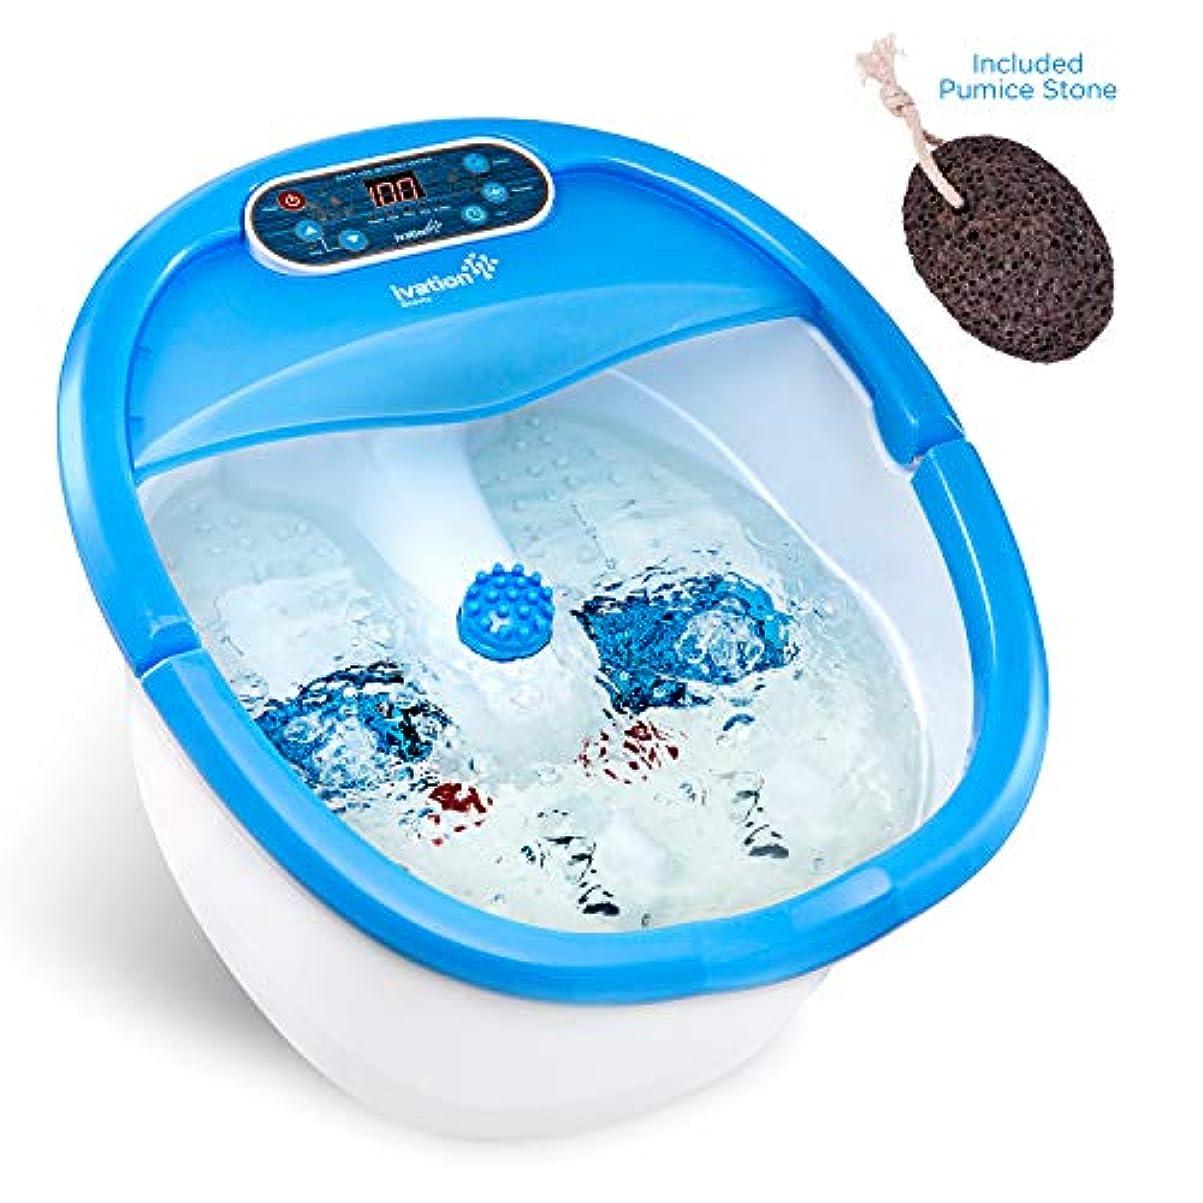 歯科のつらいキャプチャーフォットスパ マッサージャー Ivation Foot Spa Massager - Heated Bath, Automatic Massage Rollers, Vibration, Bubbles, Digital...